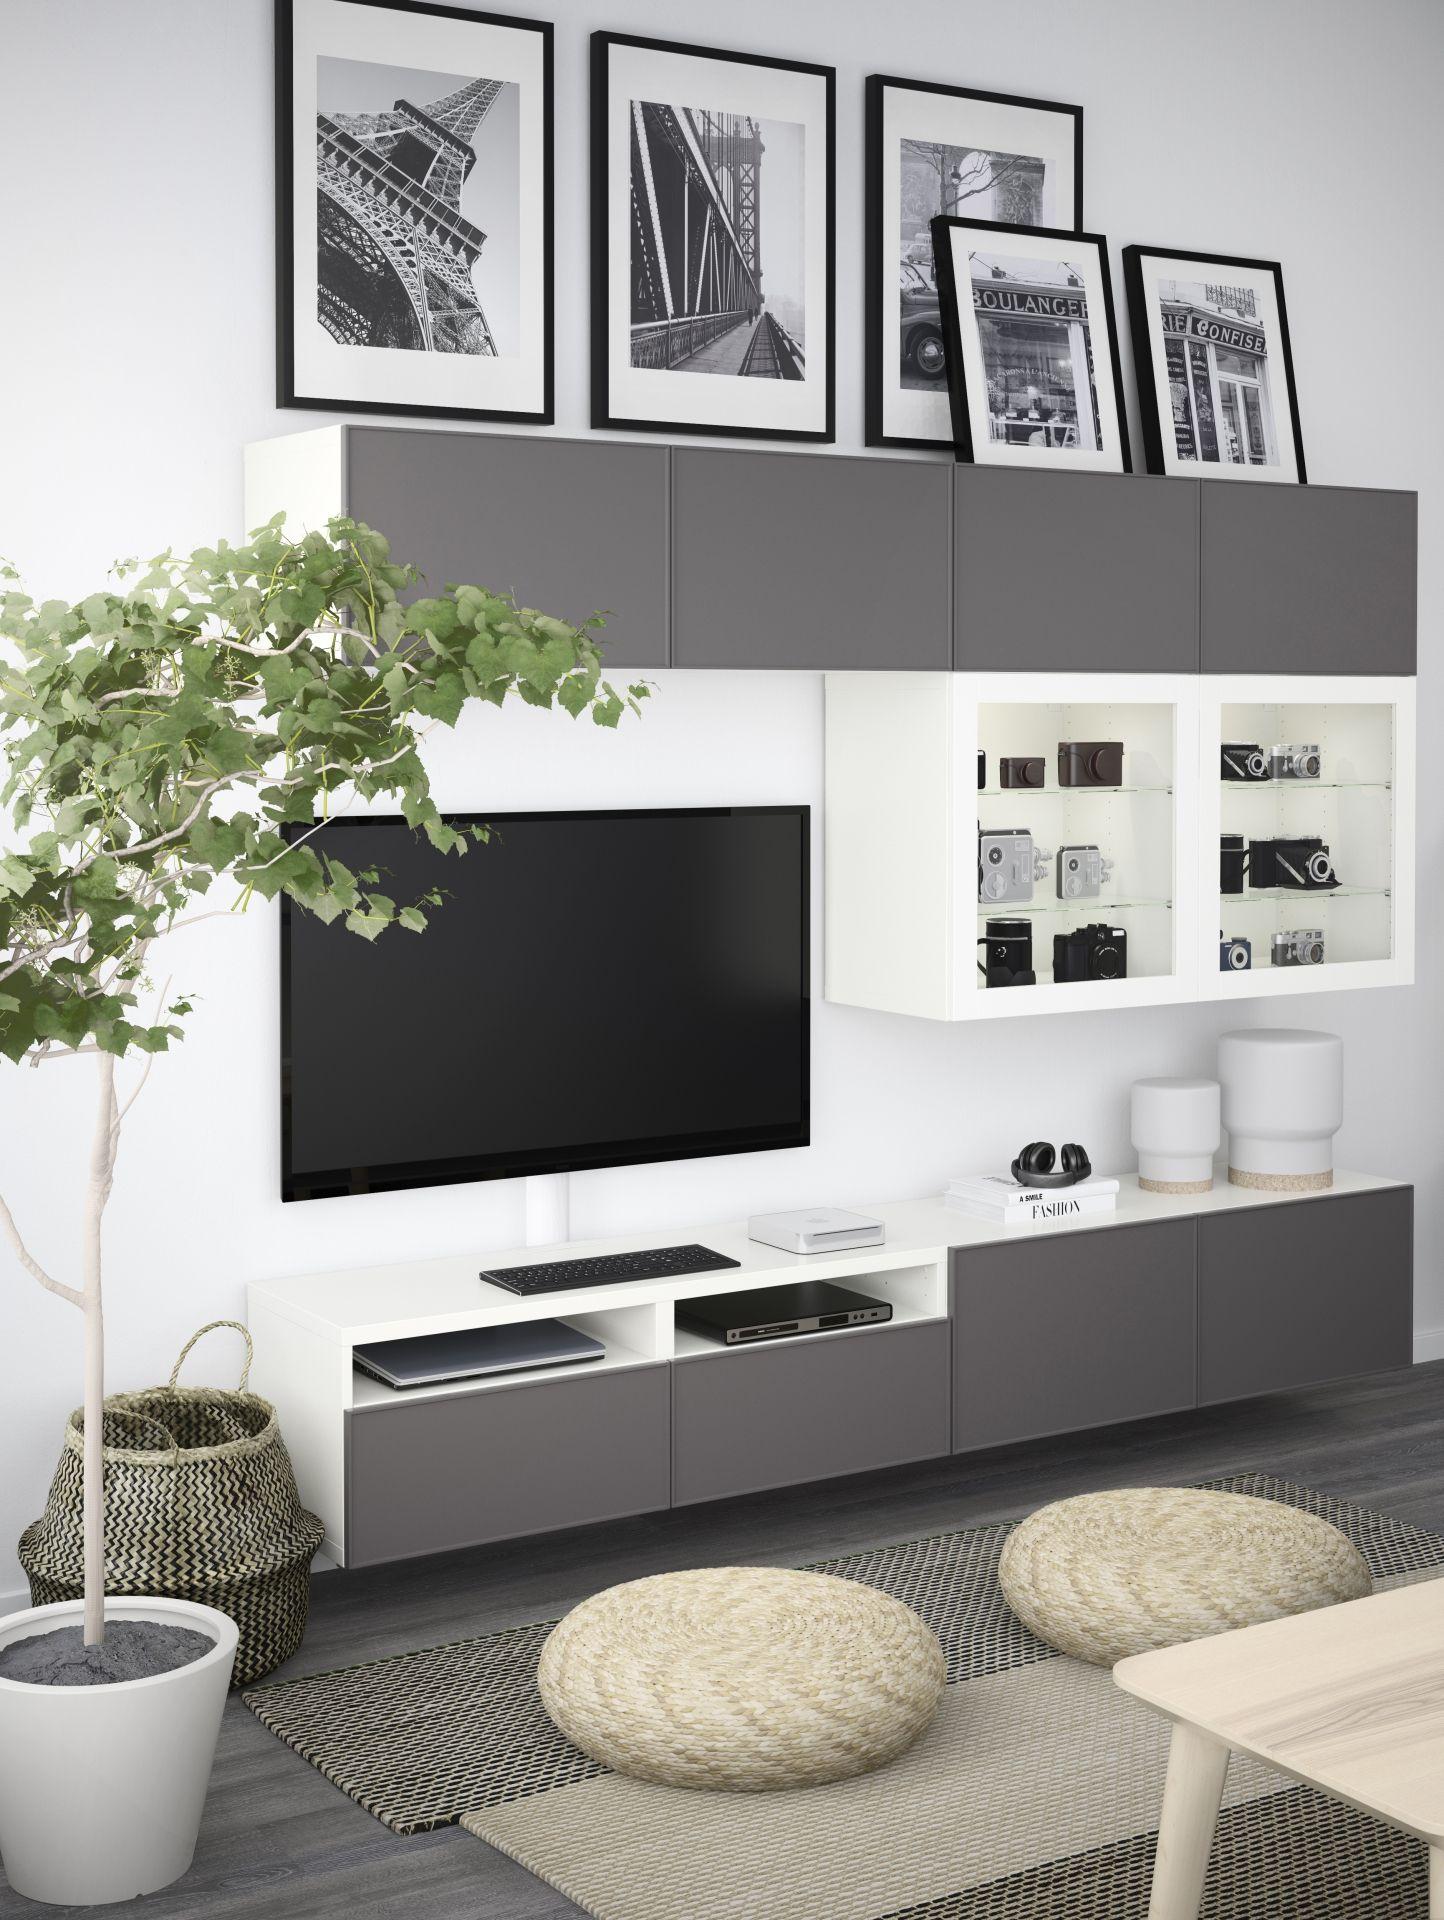 IKEA Deutschland | Das BESTÅ Kannst Du Individuell Planen Und Gestalten So  Das Alles Seine Ordnung Hat Und Aufgeräumt Ist In Deinem Wohnzimmer.